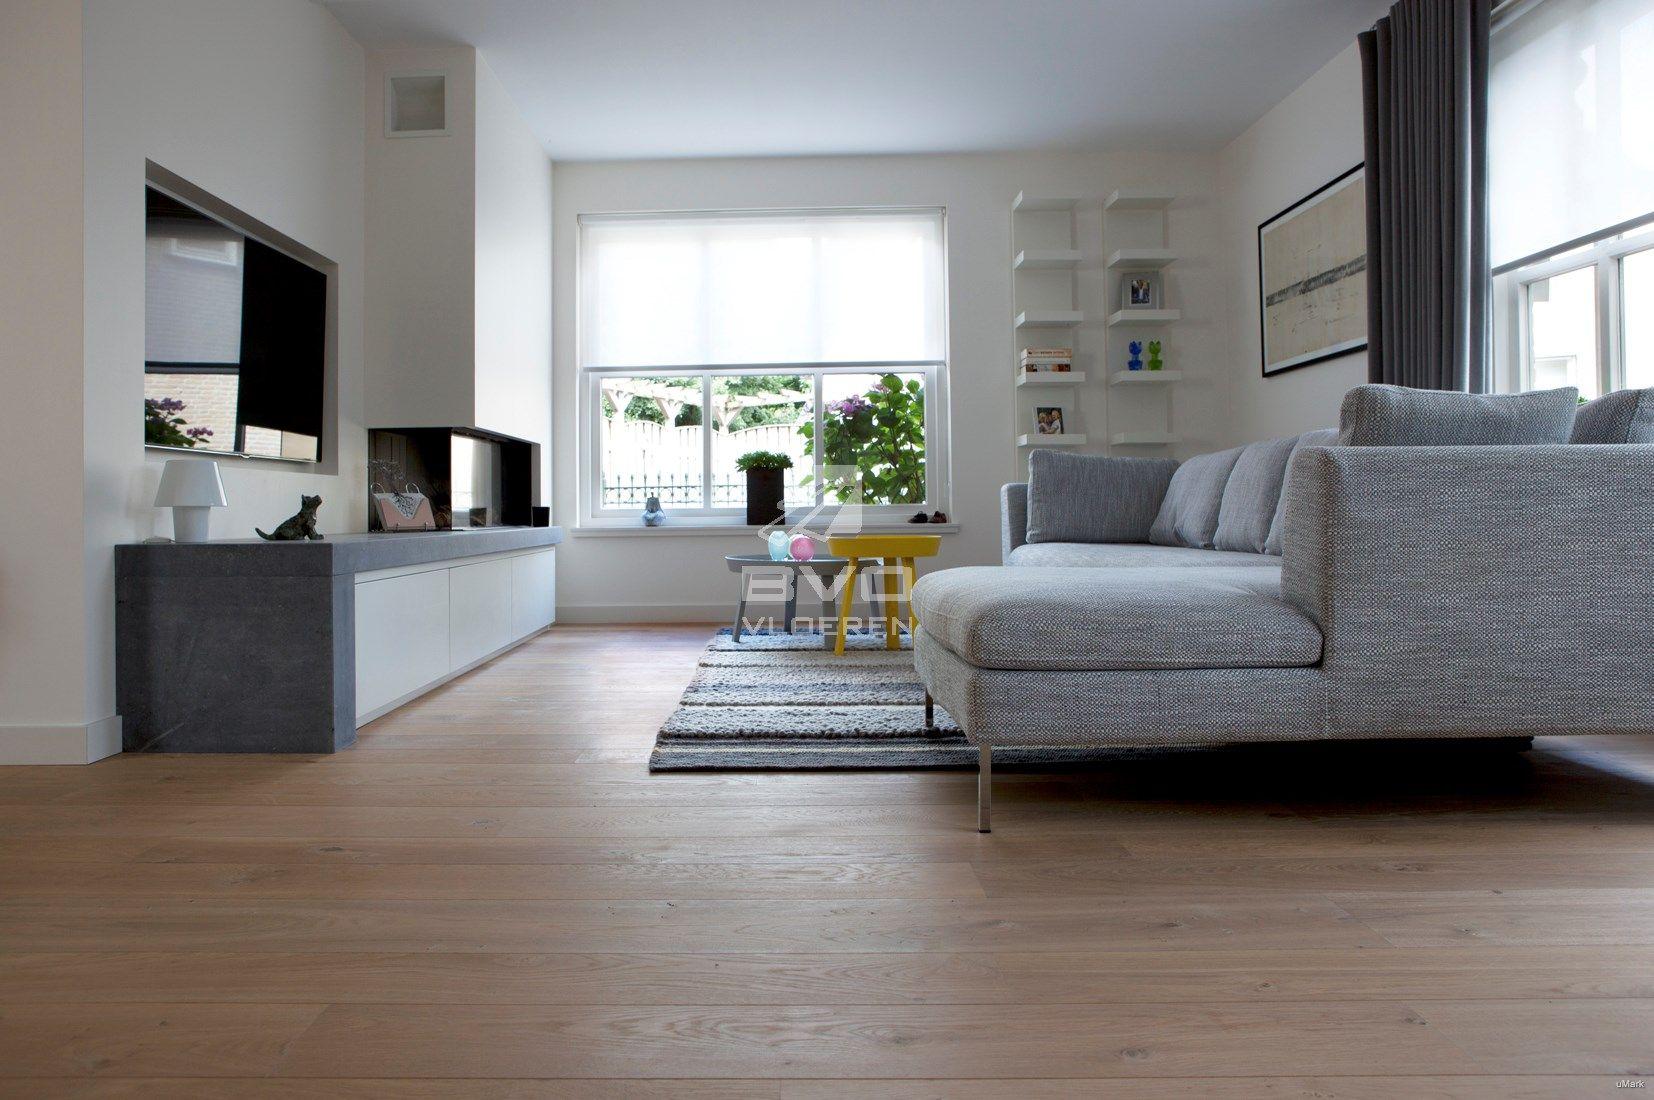 Frans eikenhouten vloer | planken | onbehandelde uitstraling ...